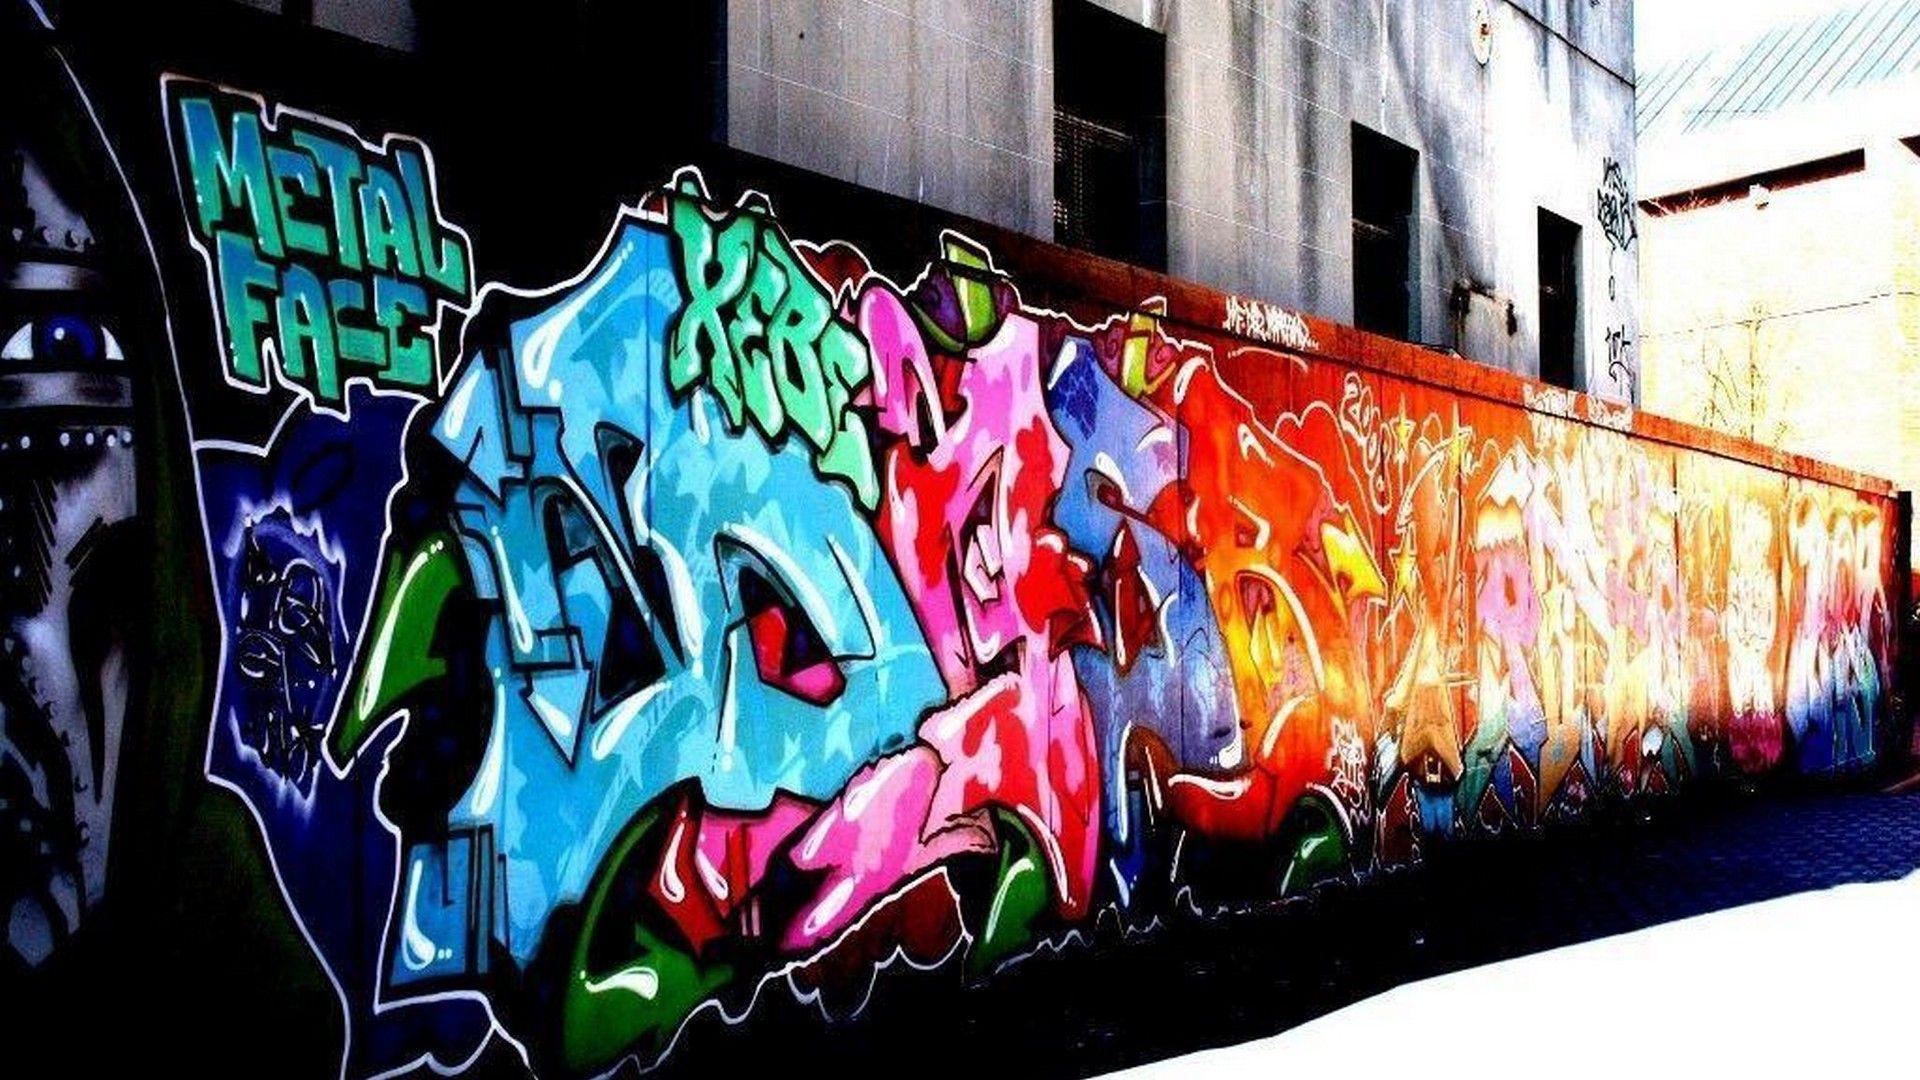 Street Art 1080p Wallpaper